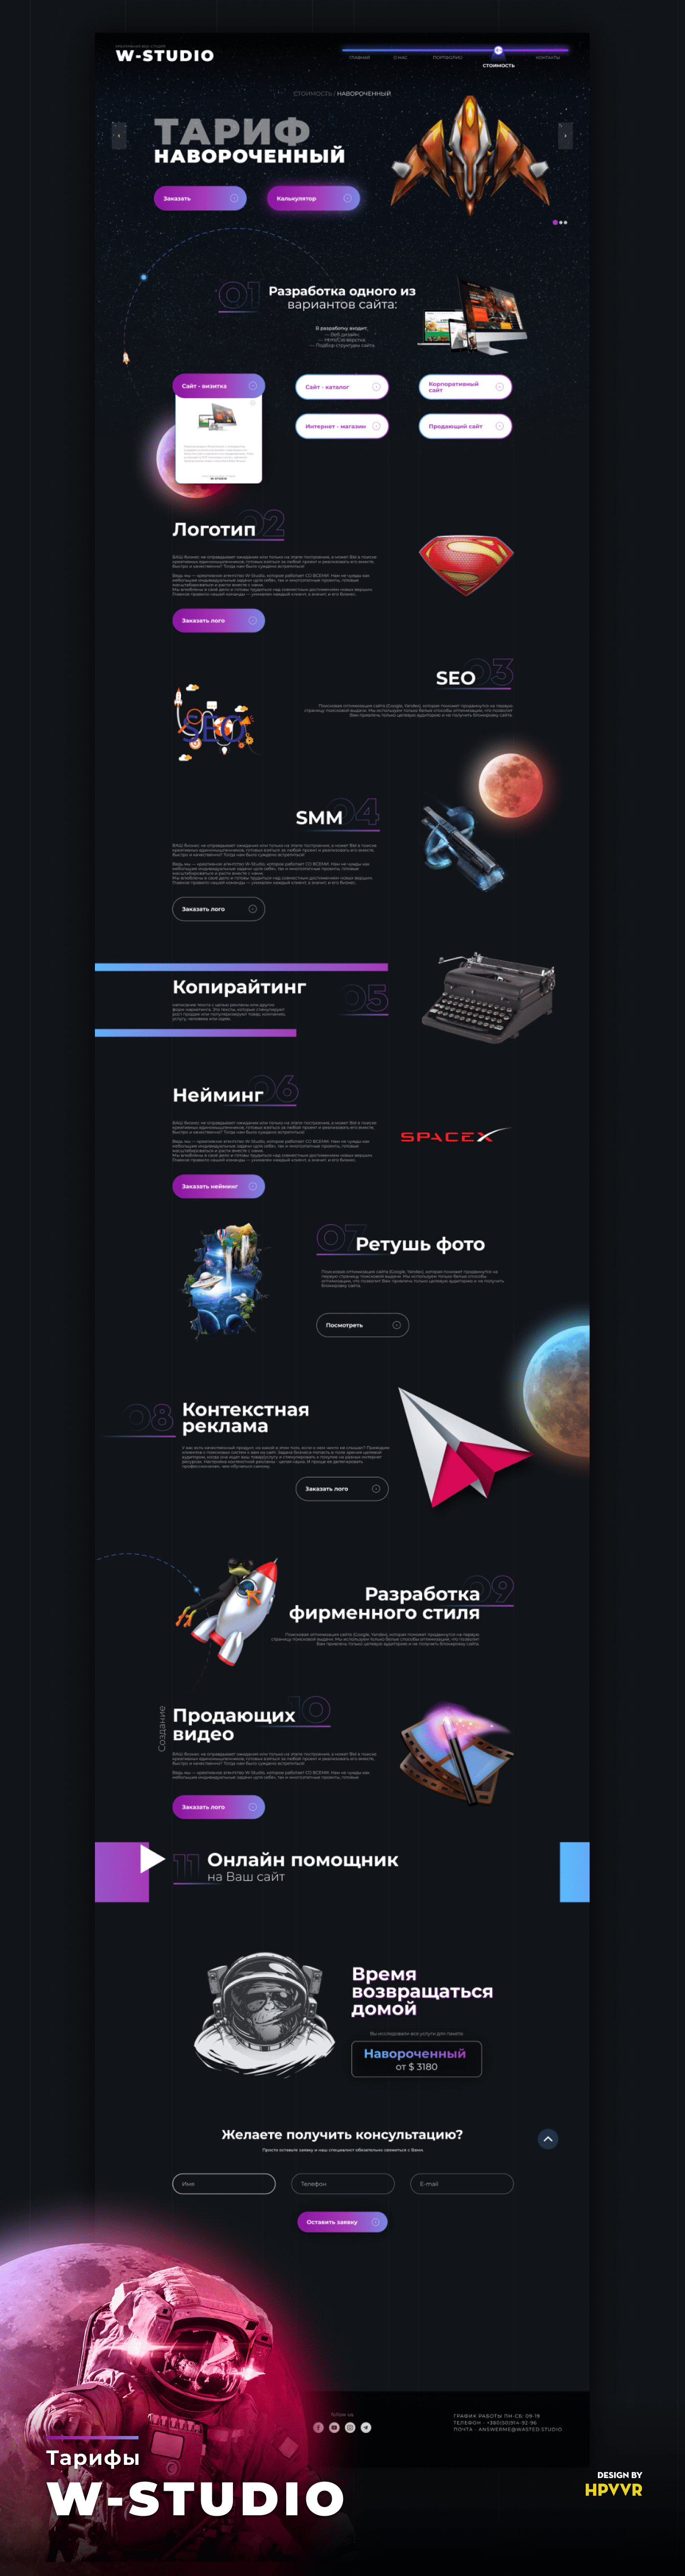 design landing site design Space design Web Web Design  web site design